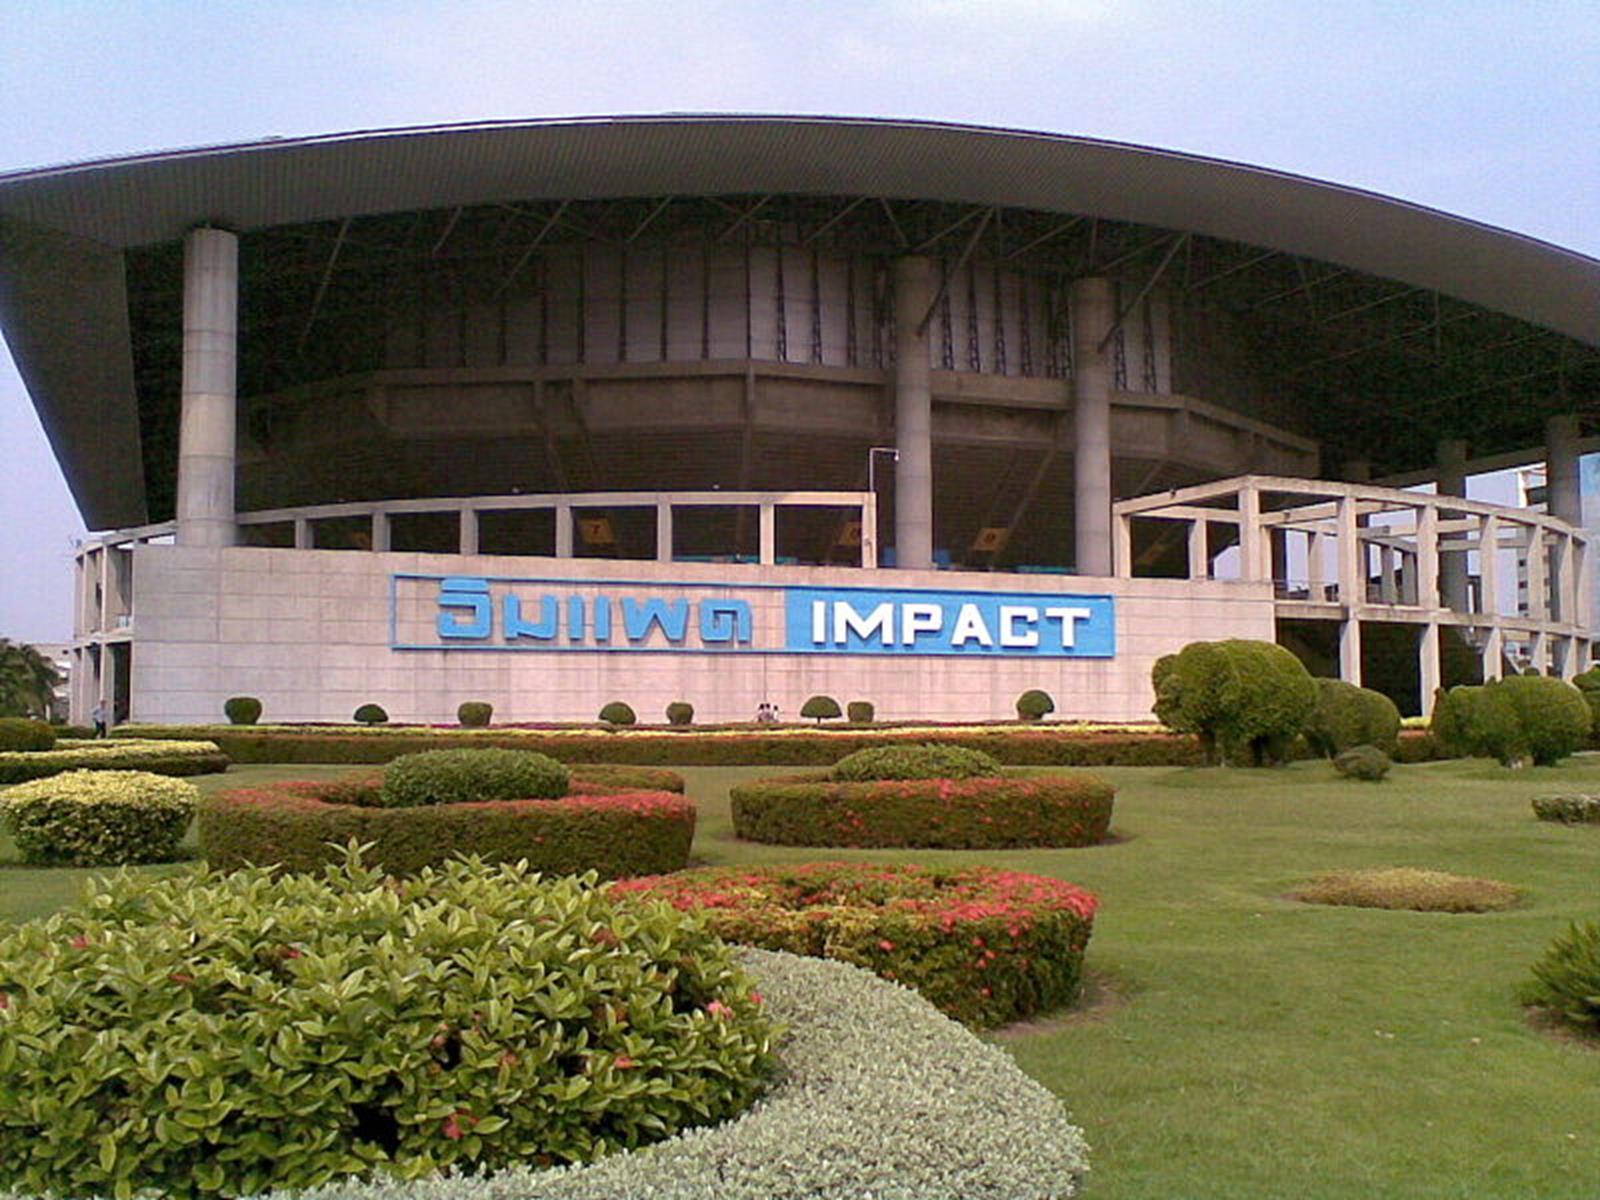 IMPACT Arena. Credit